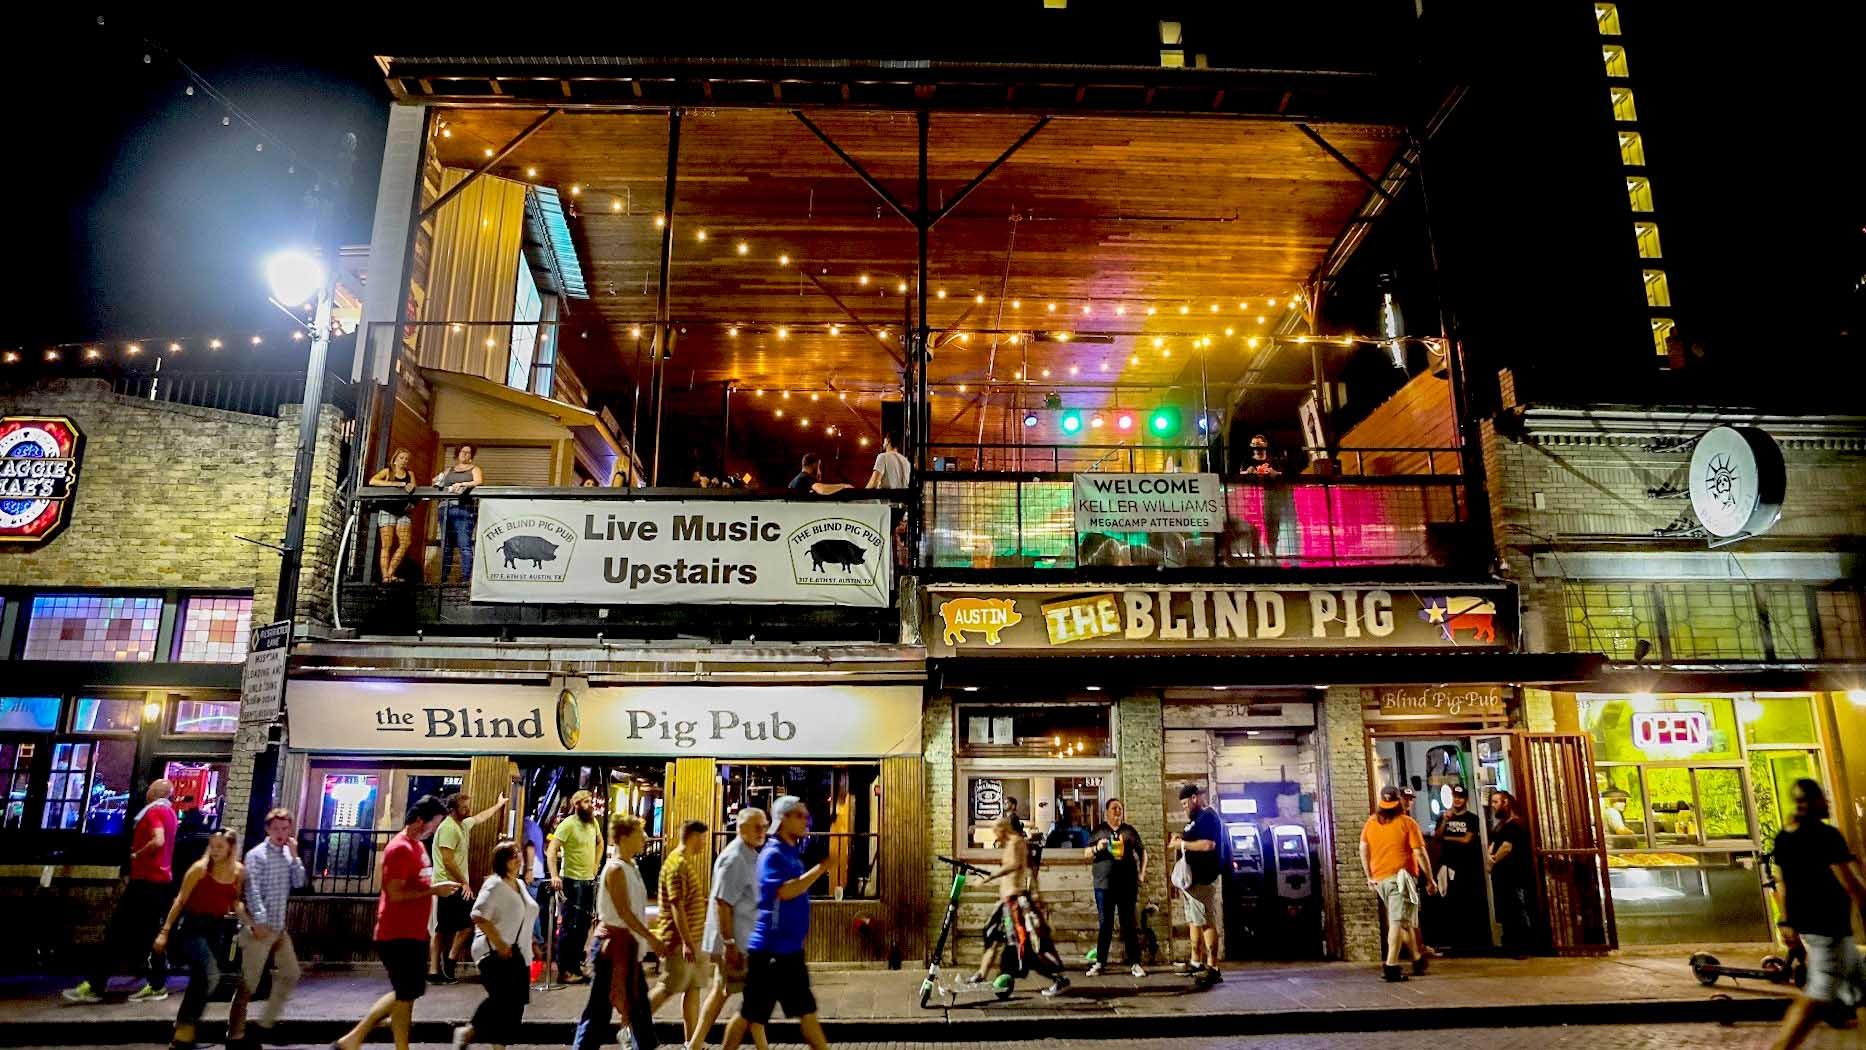 Image of Blind Pig Pub